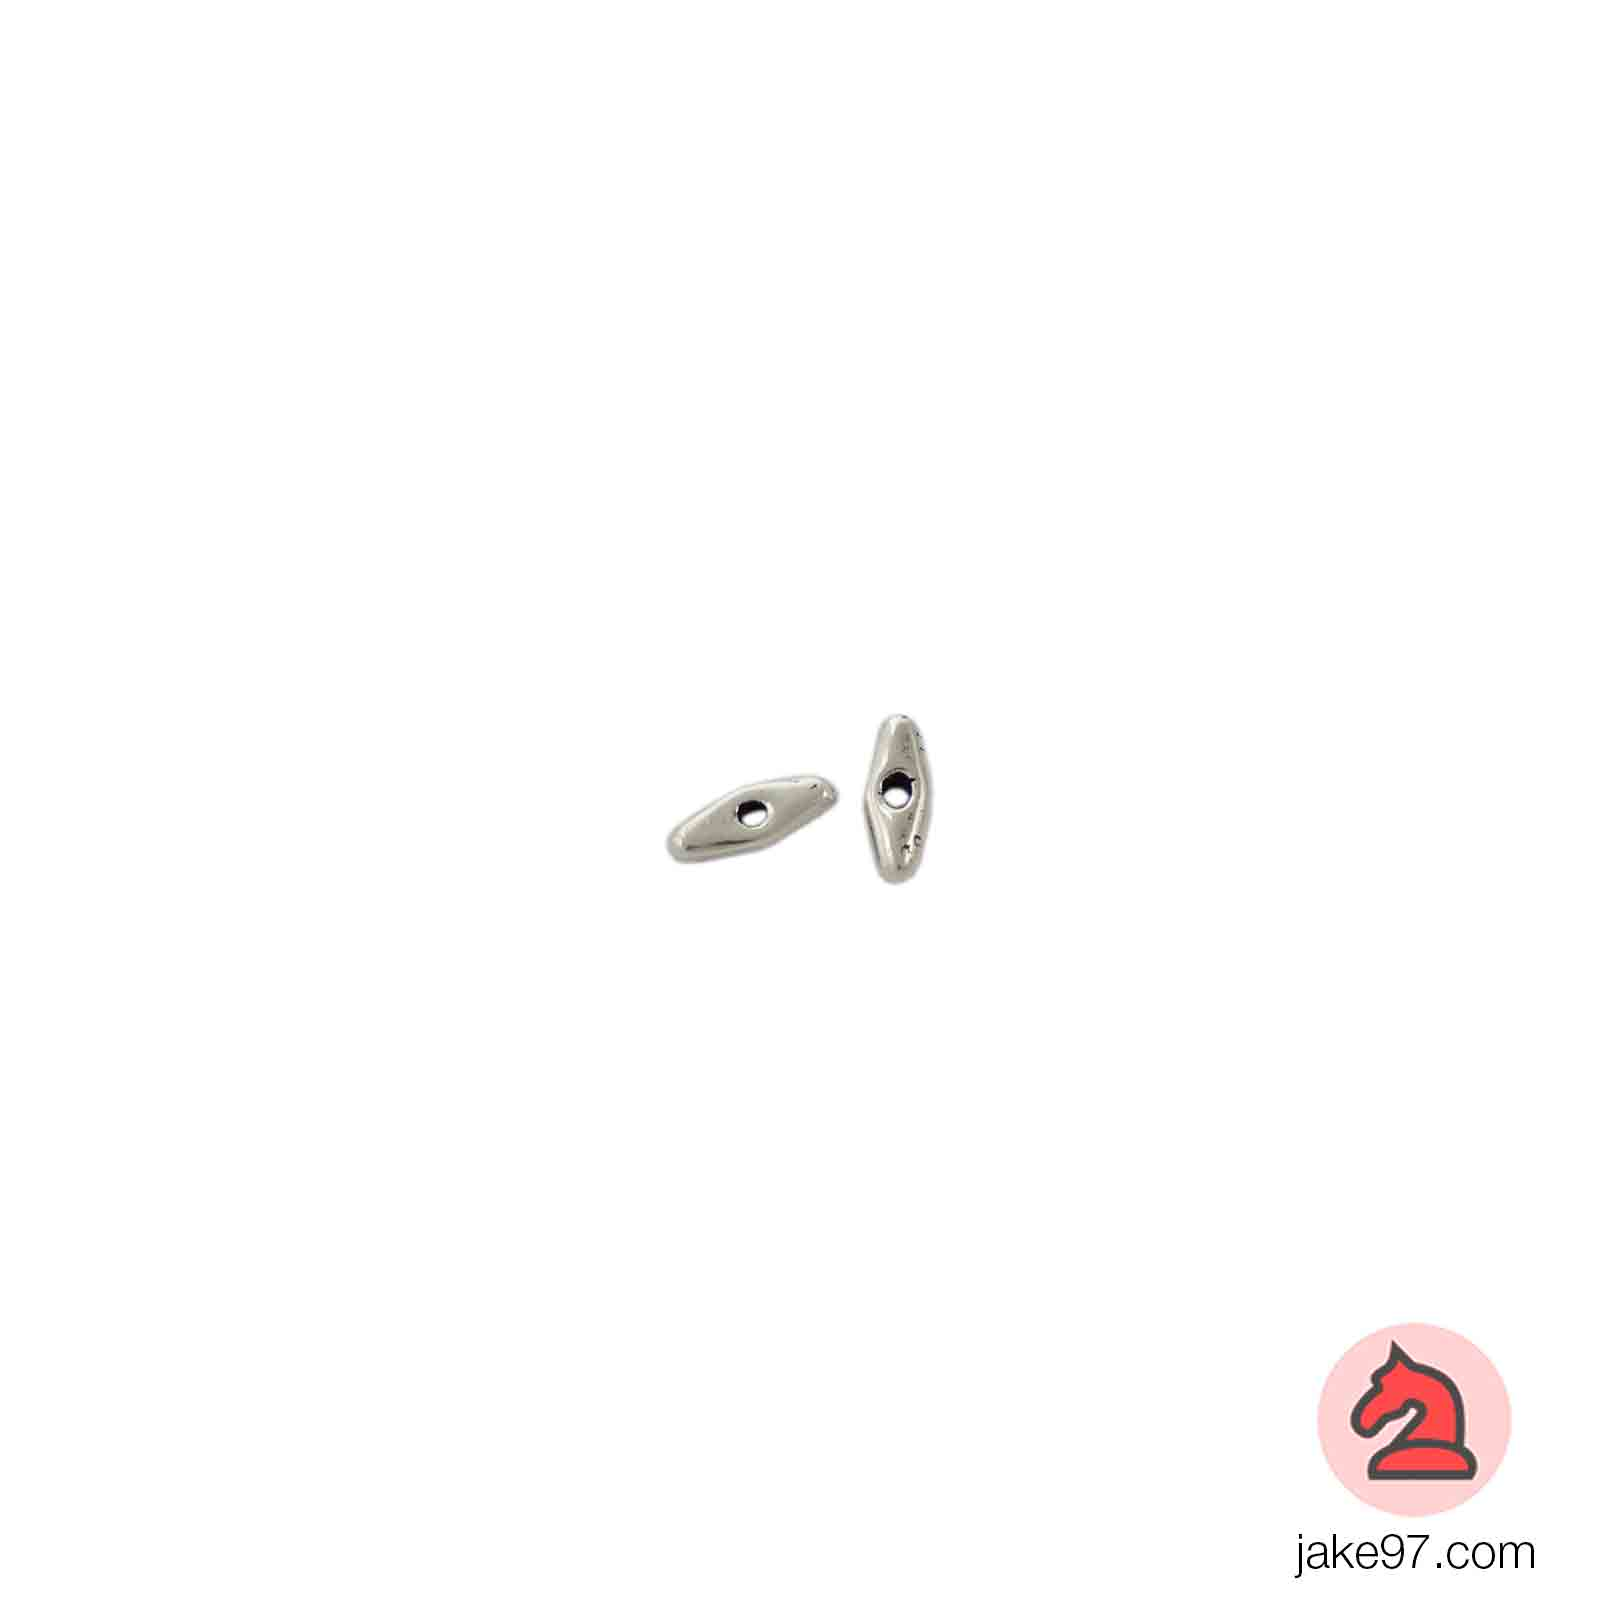 Lágrima Pequeña - Paquete de 30 unidades Tamaño apróx 10X5 mm, taladro de 2mm